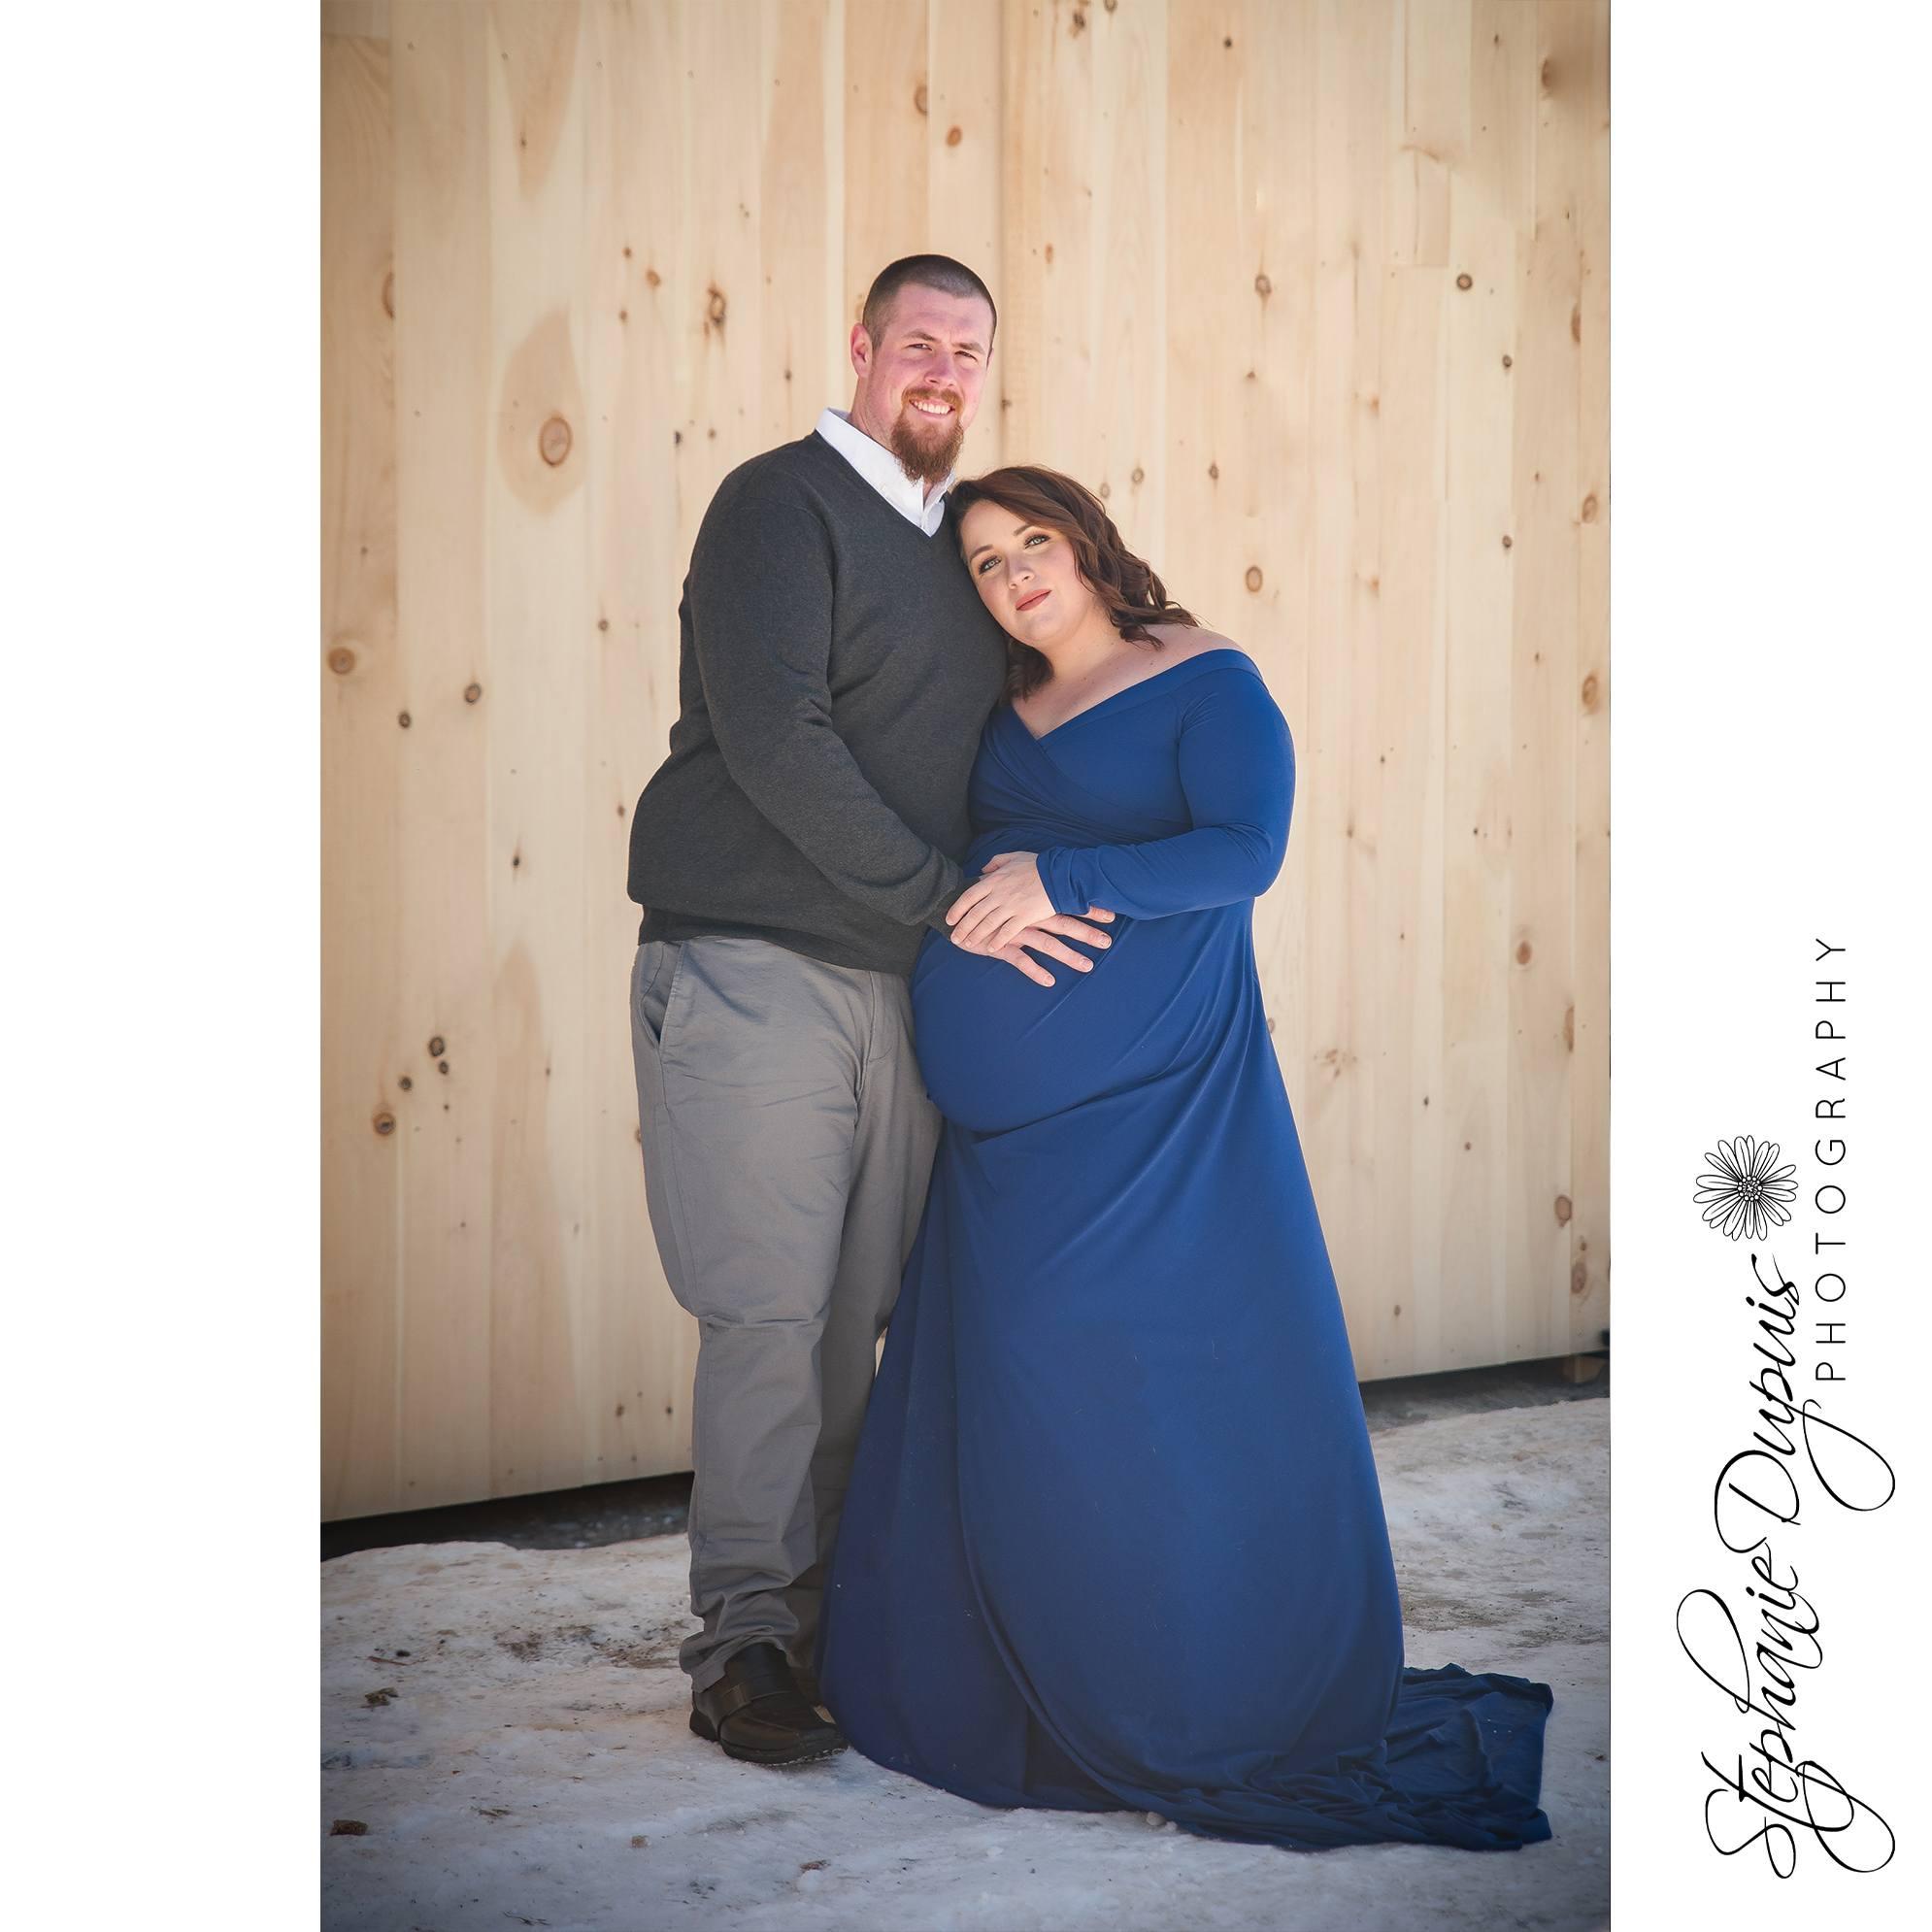 Jessica Maternity 1007 - Portfolio: Jessica - Maternity Session